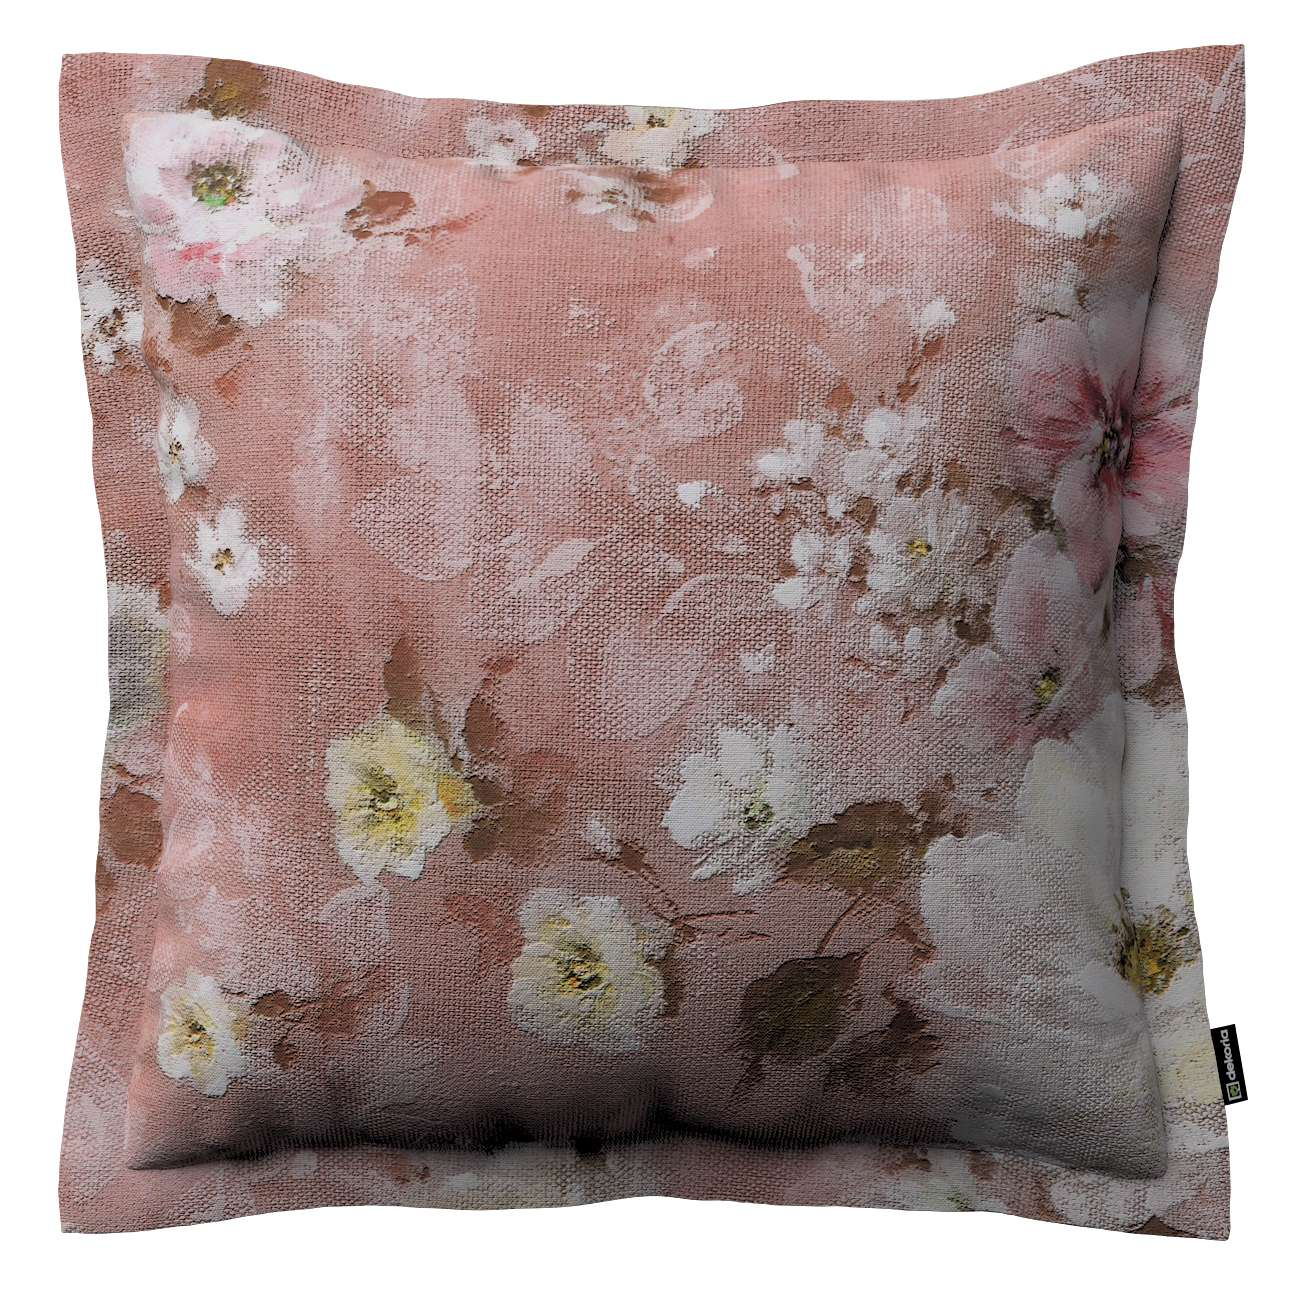 Mona dekoratyvinių pagalvėlių užvalkalas su sienele 45 x 45cm kolekcijoje Monet, audinys: 137-83